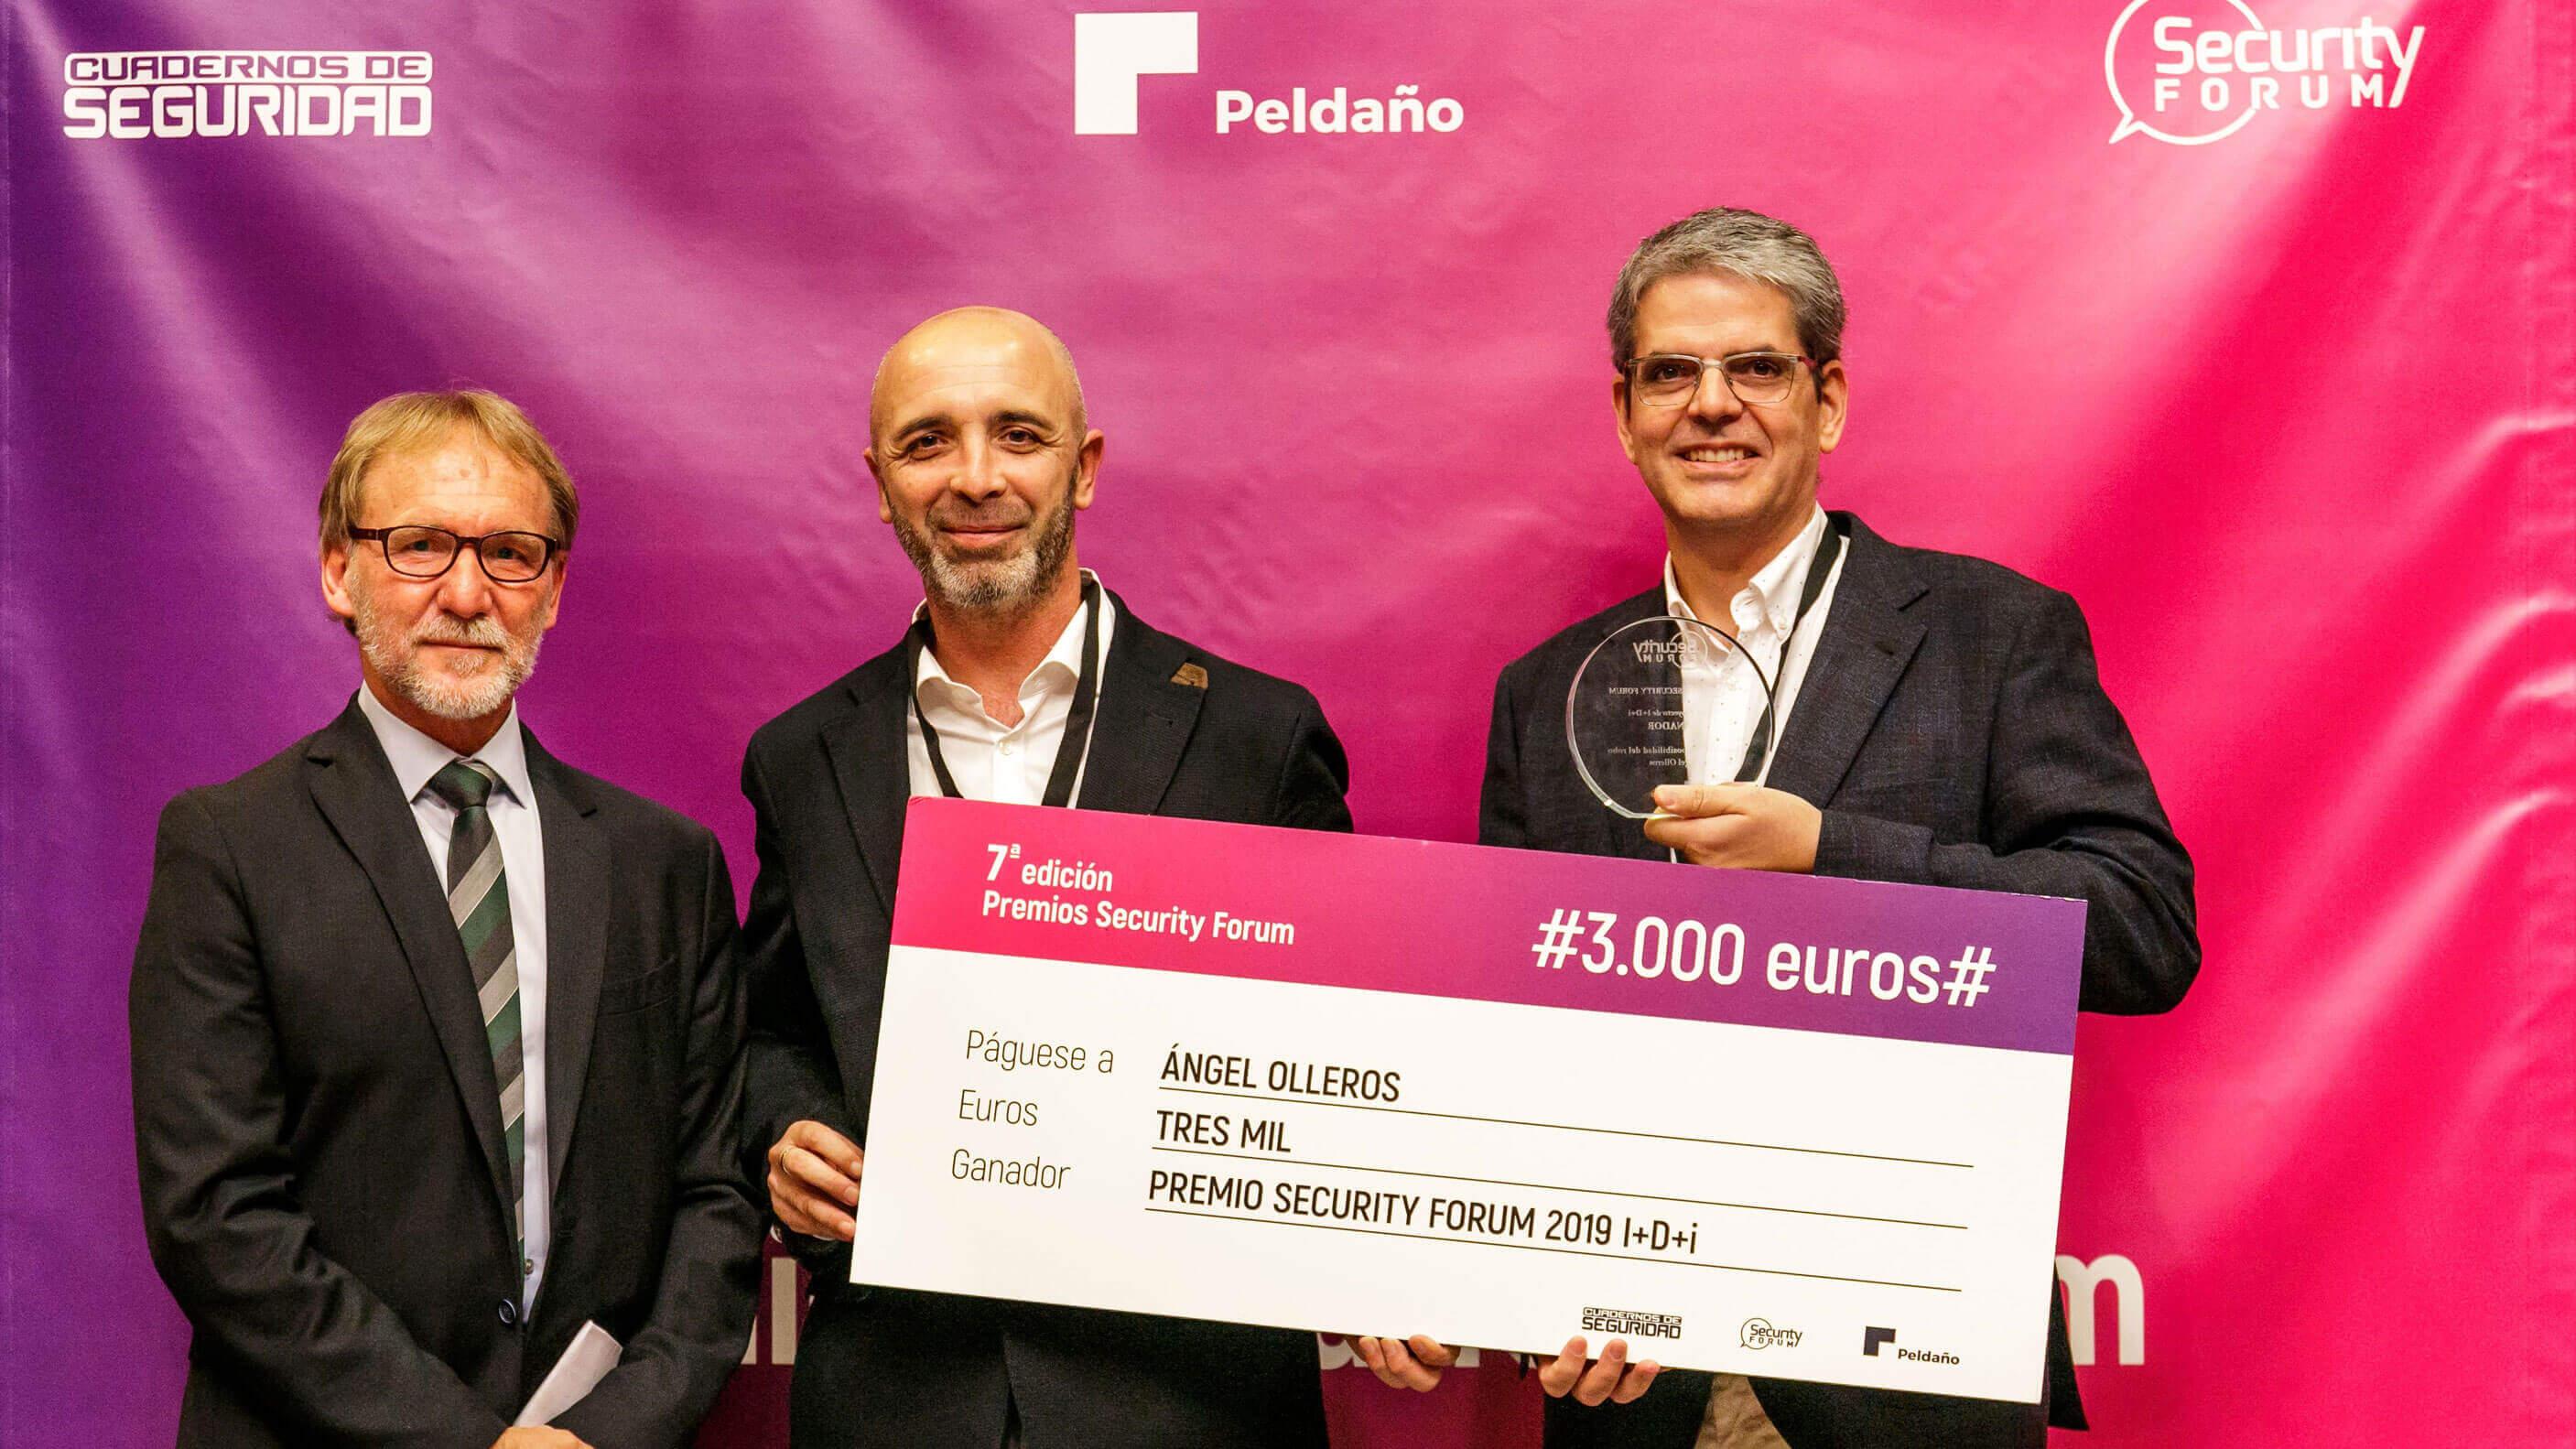 Premio Security Forum 2019